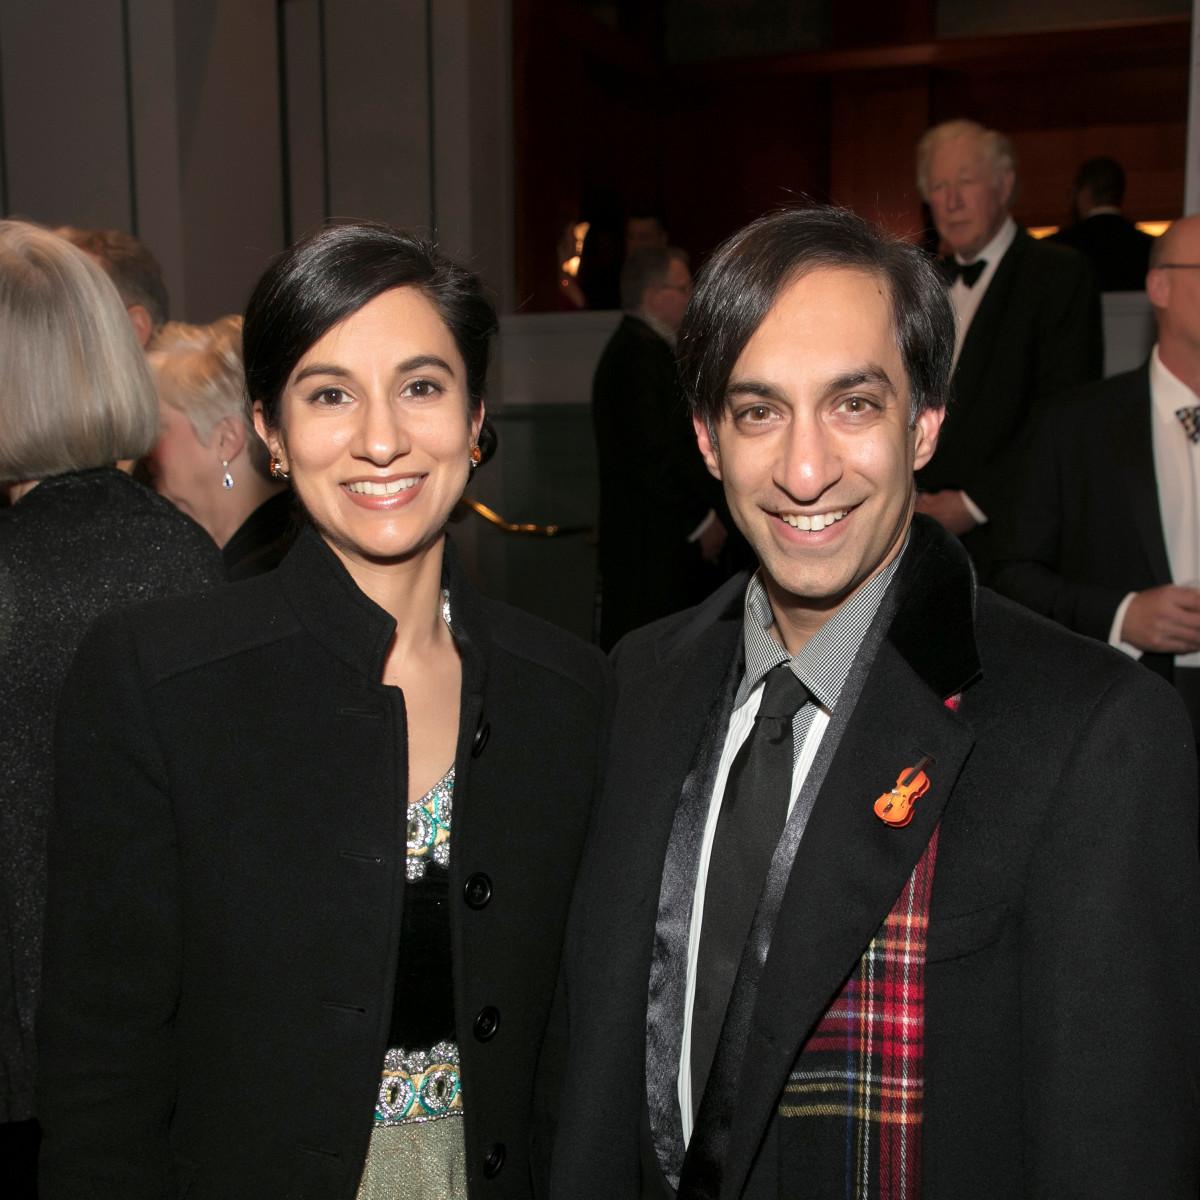 Asad Dean, FWSO Gala 2018